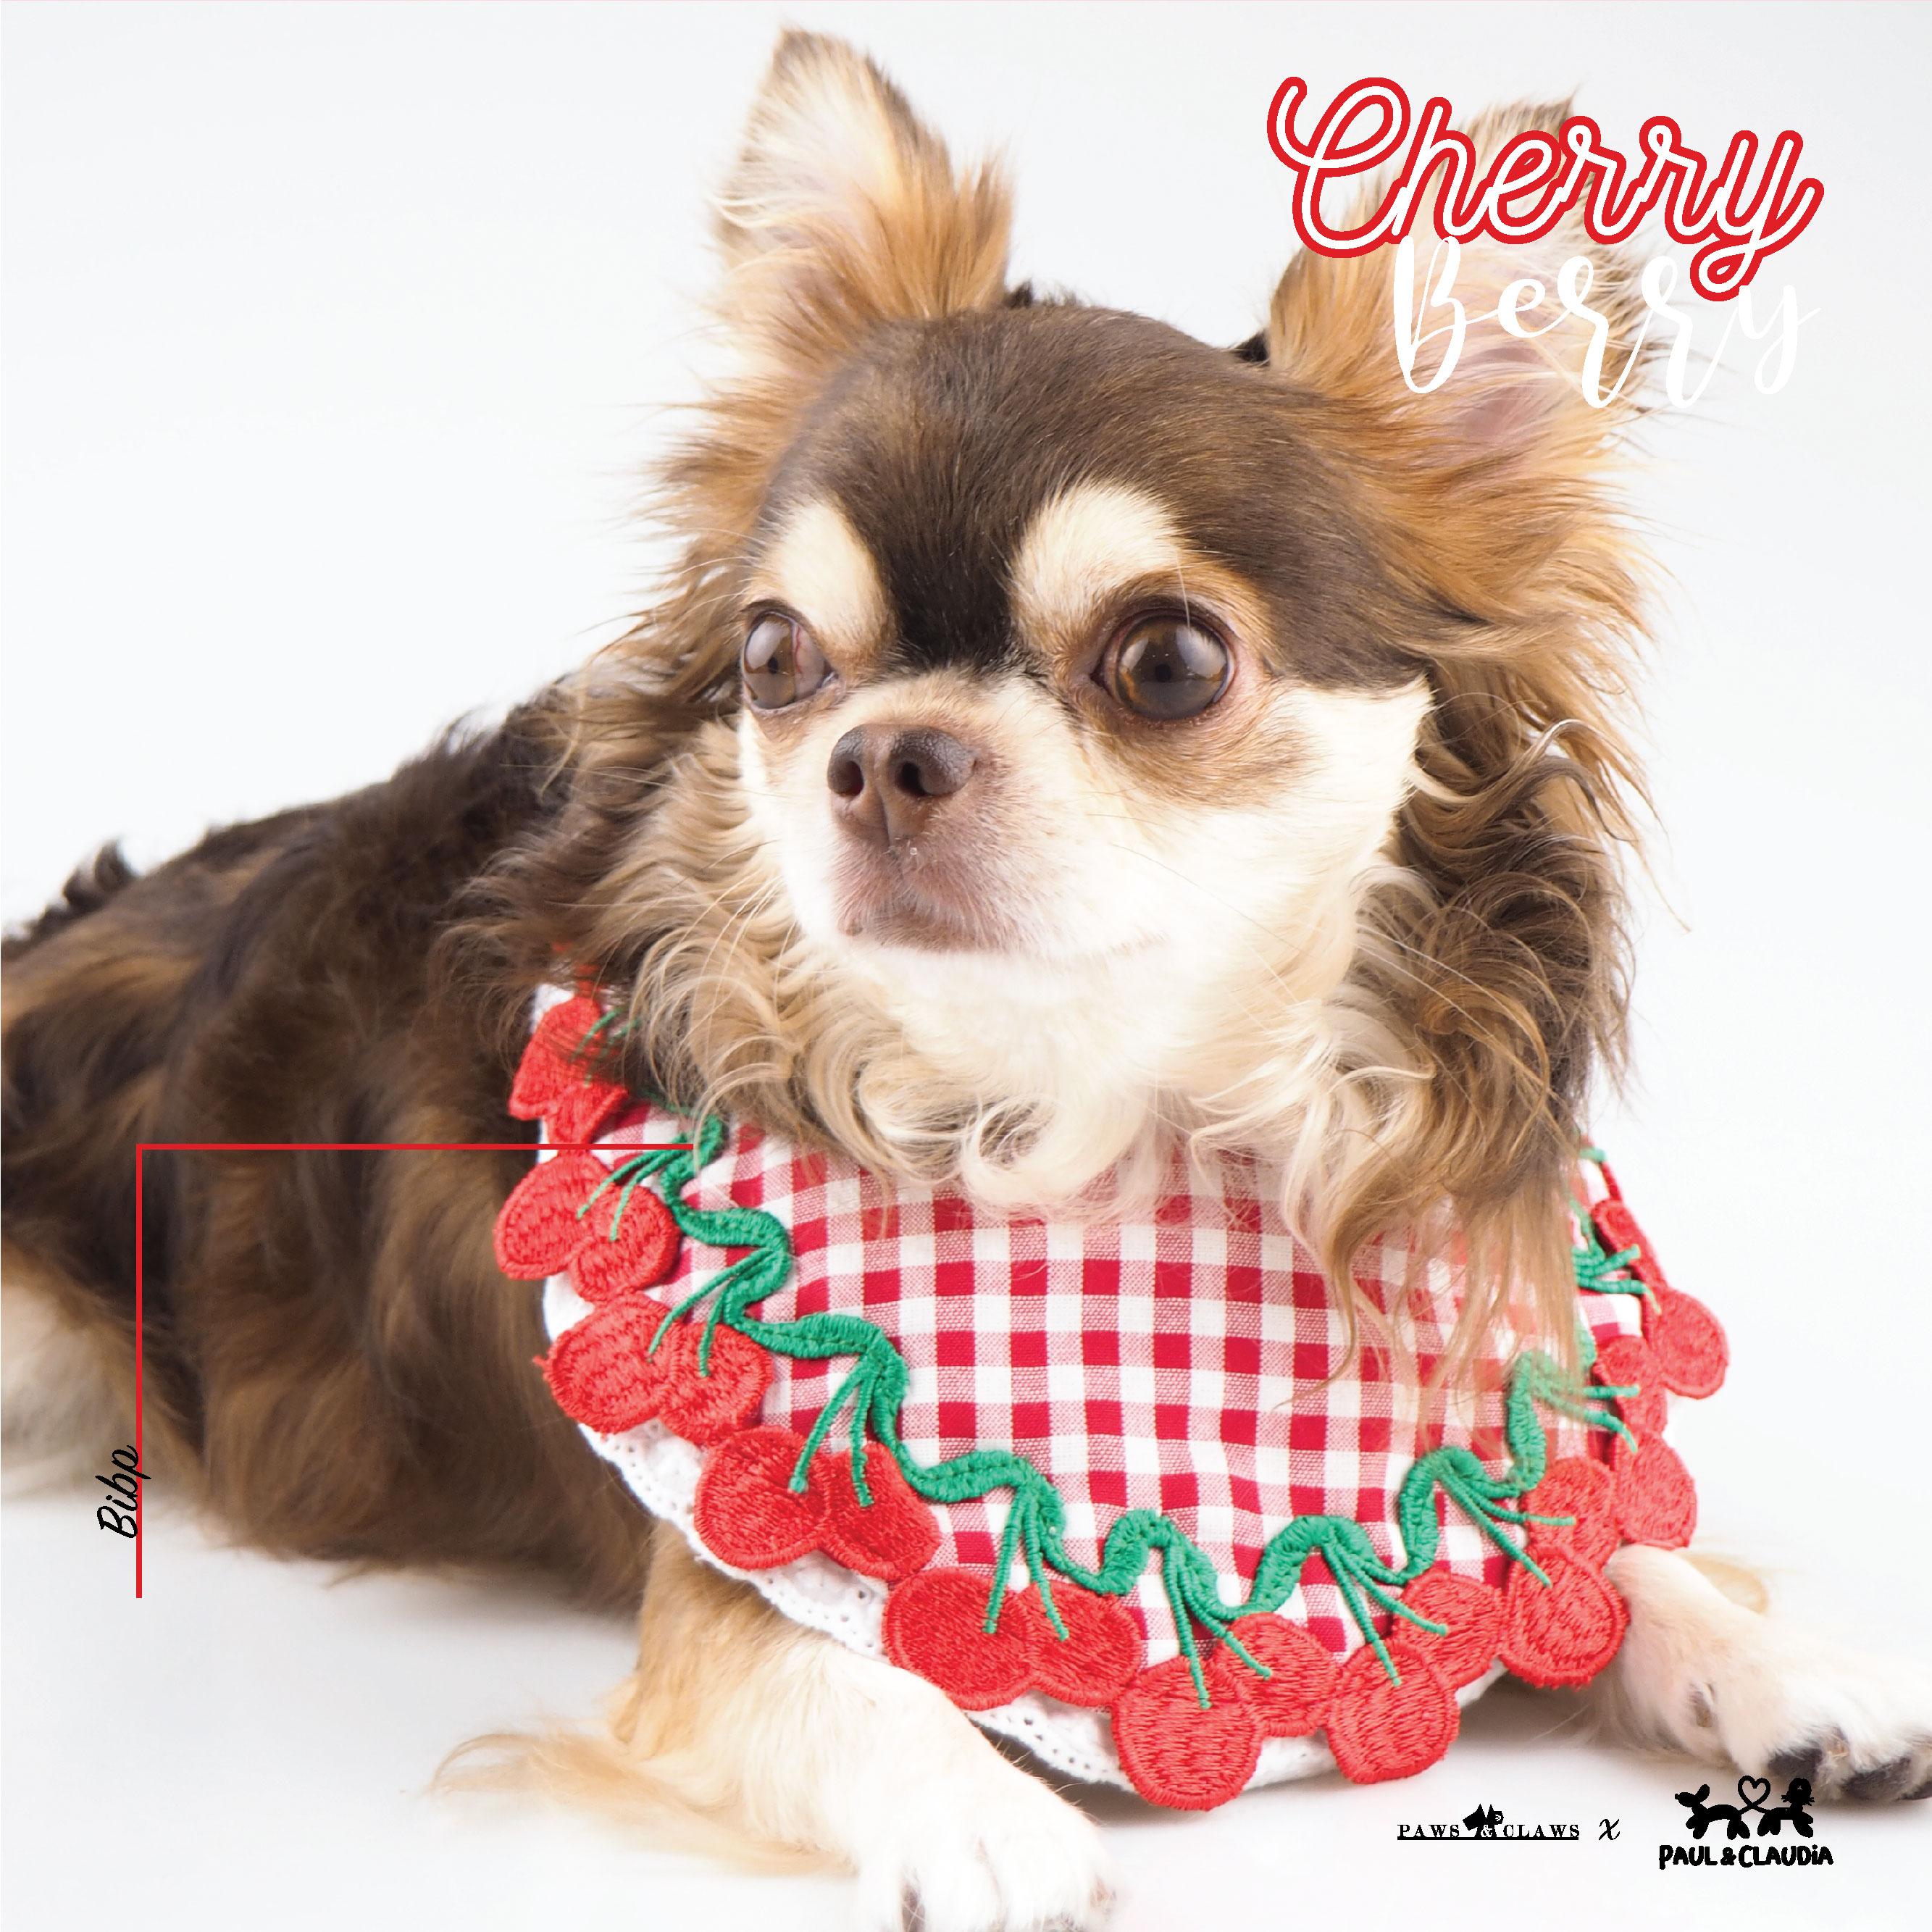 Cherry Berry (Bib)